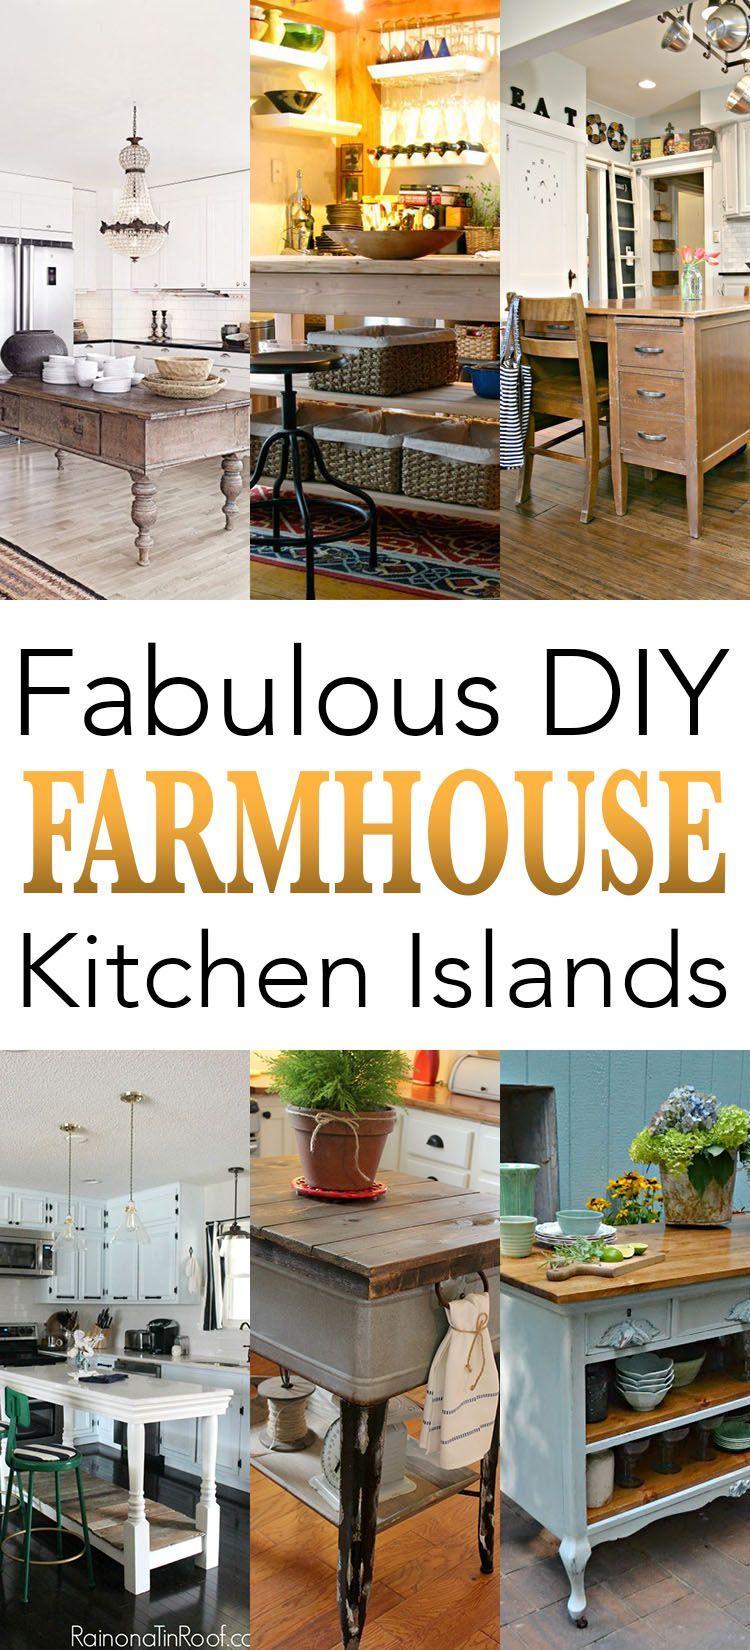 Fabulous diy farmhouse kitchen islands the cottage market